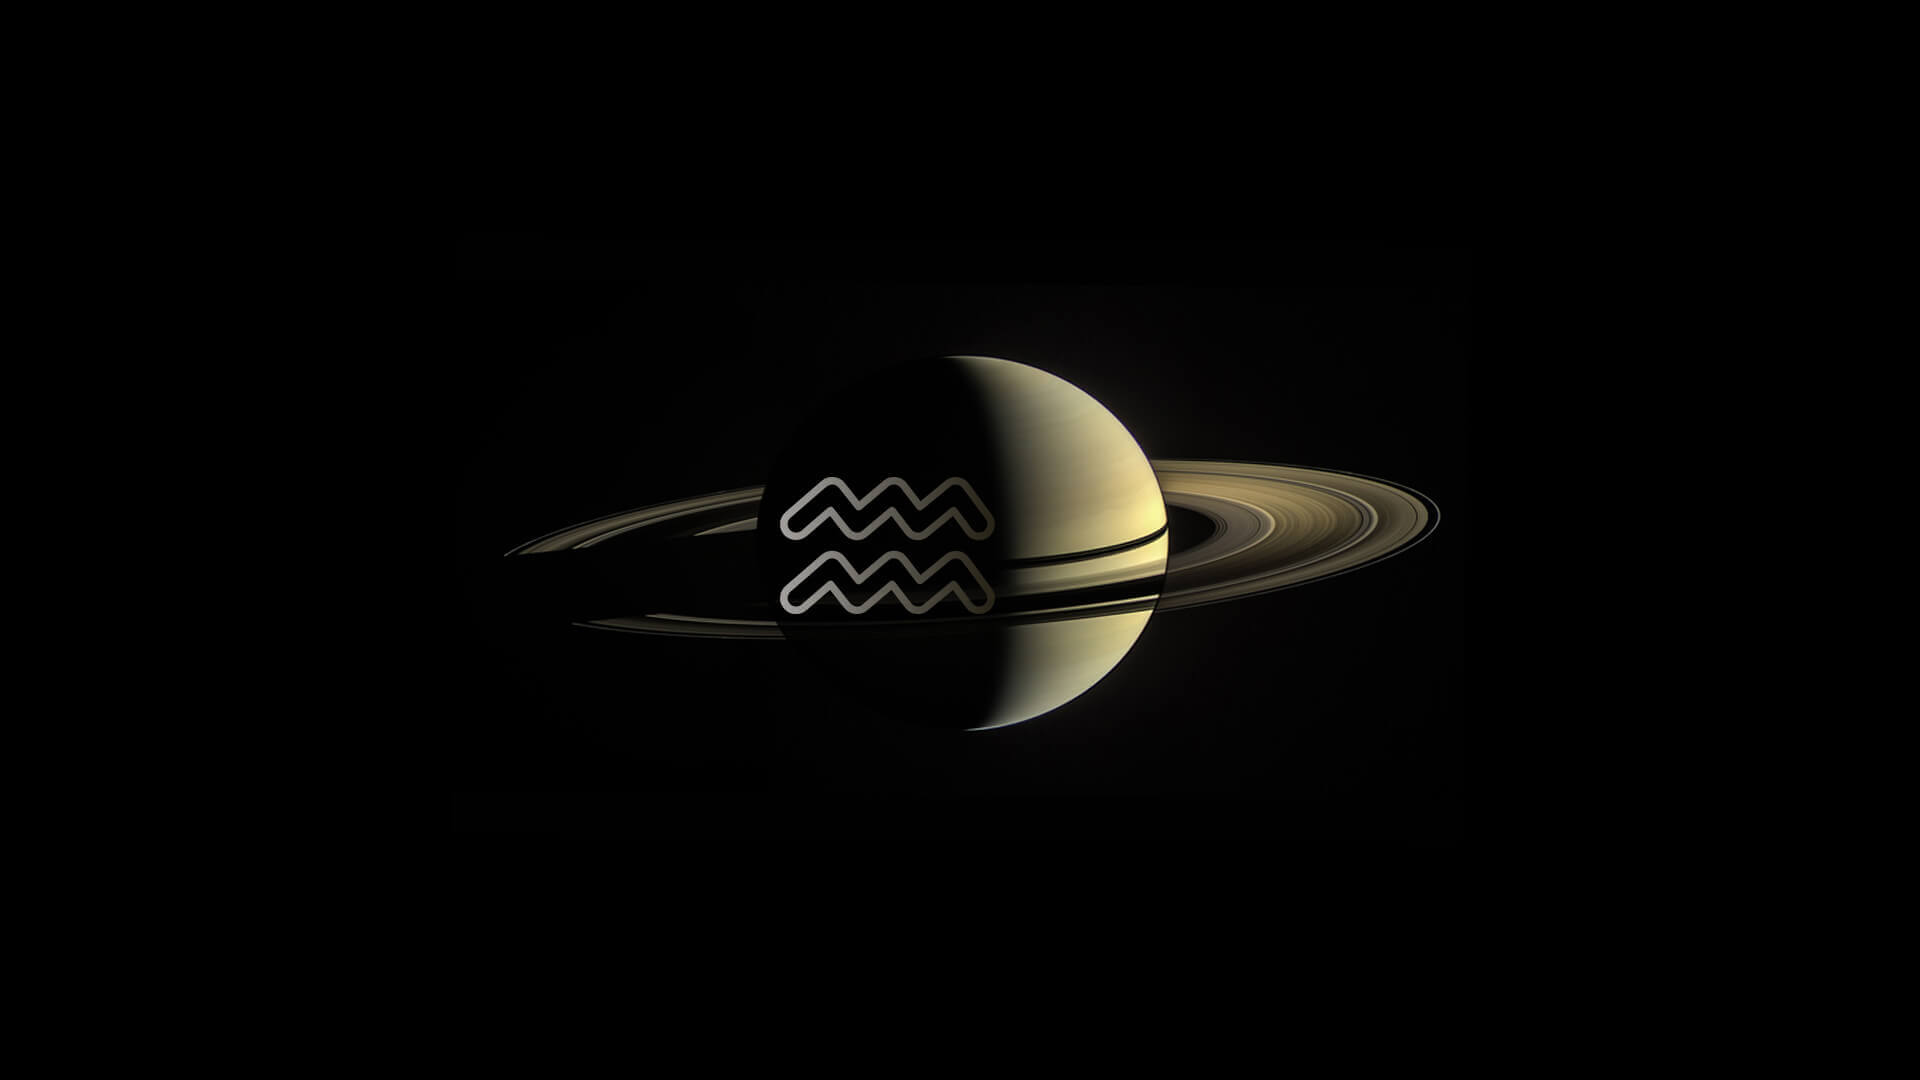 Saturn Retrograde in Aquarius